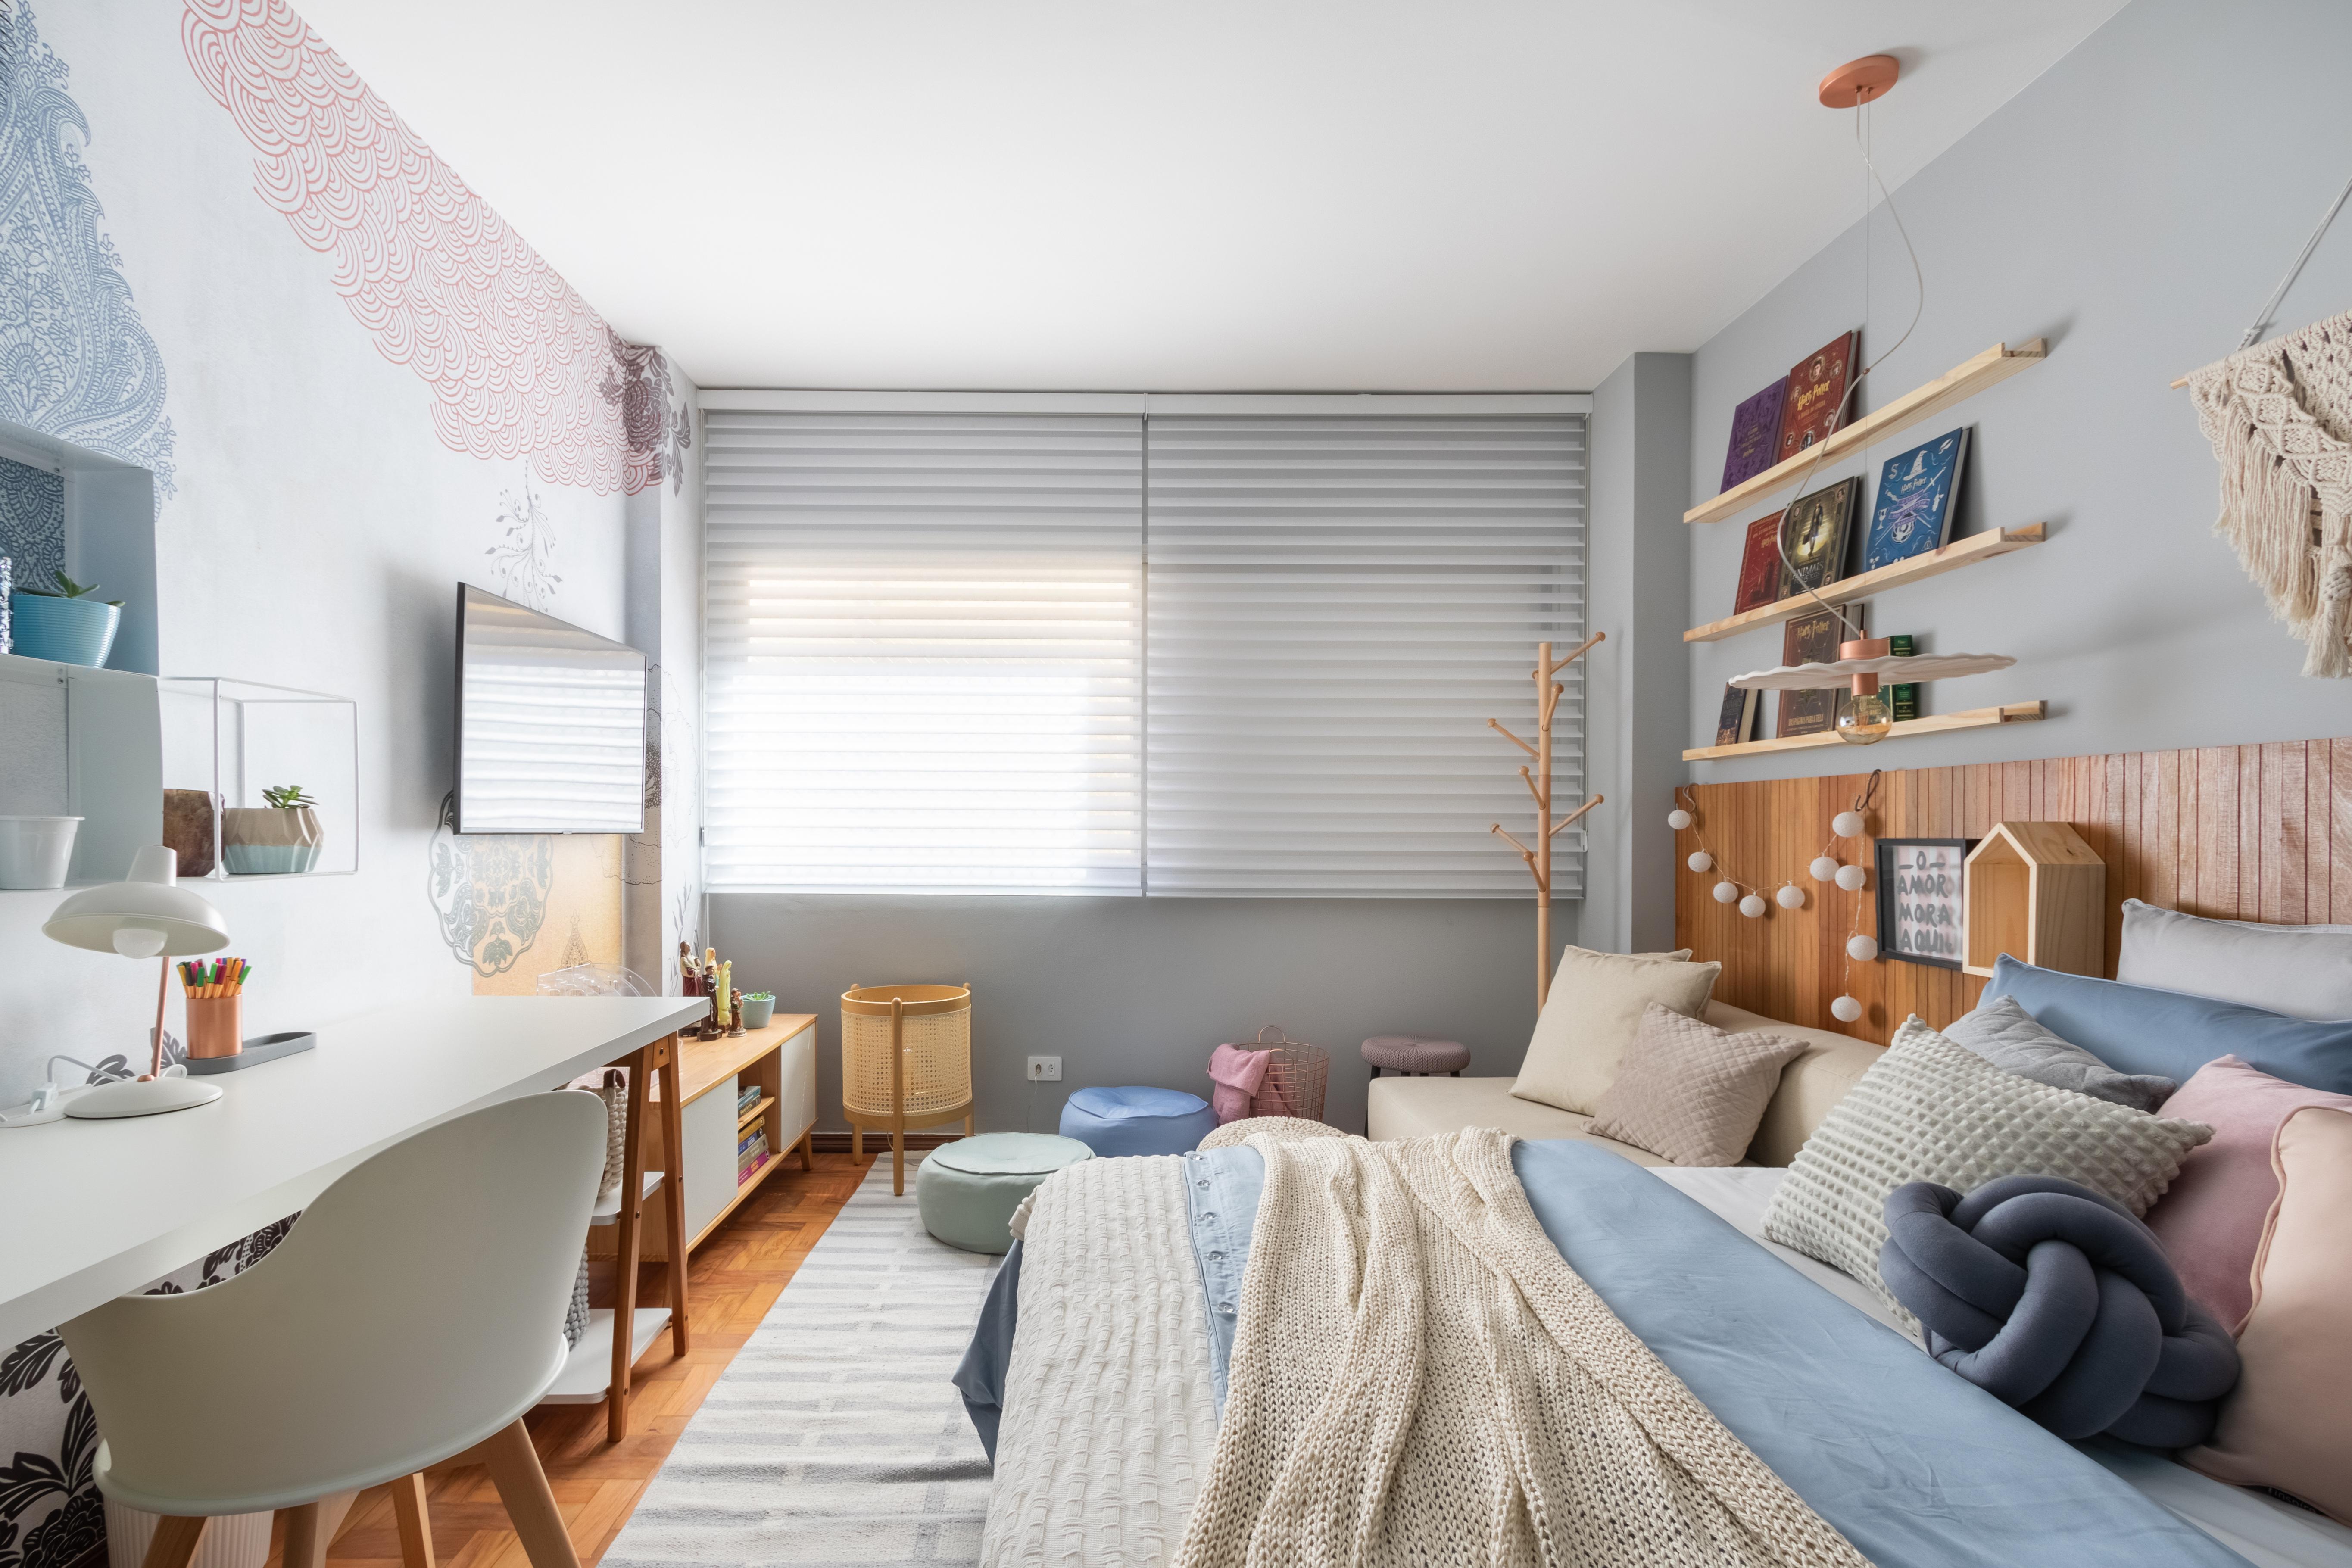 22 21 jeitos de decorar um quarto bem Vision Art NEWS